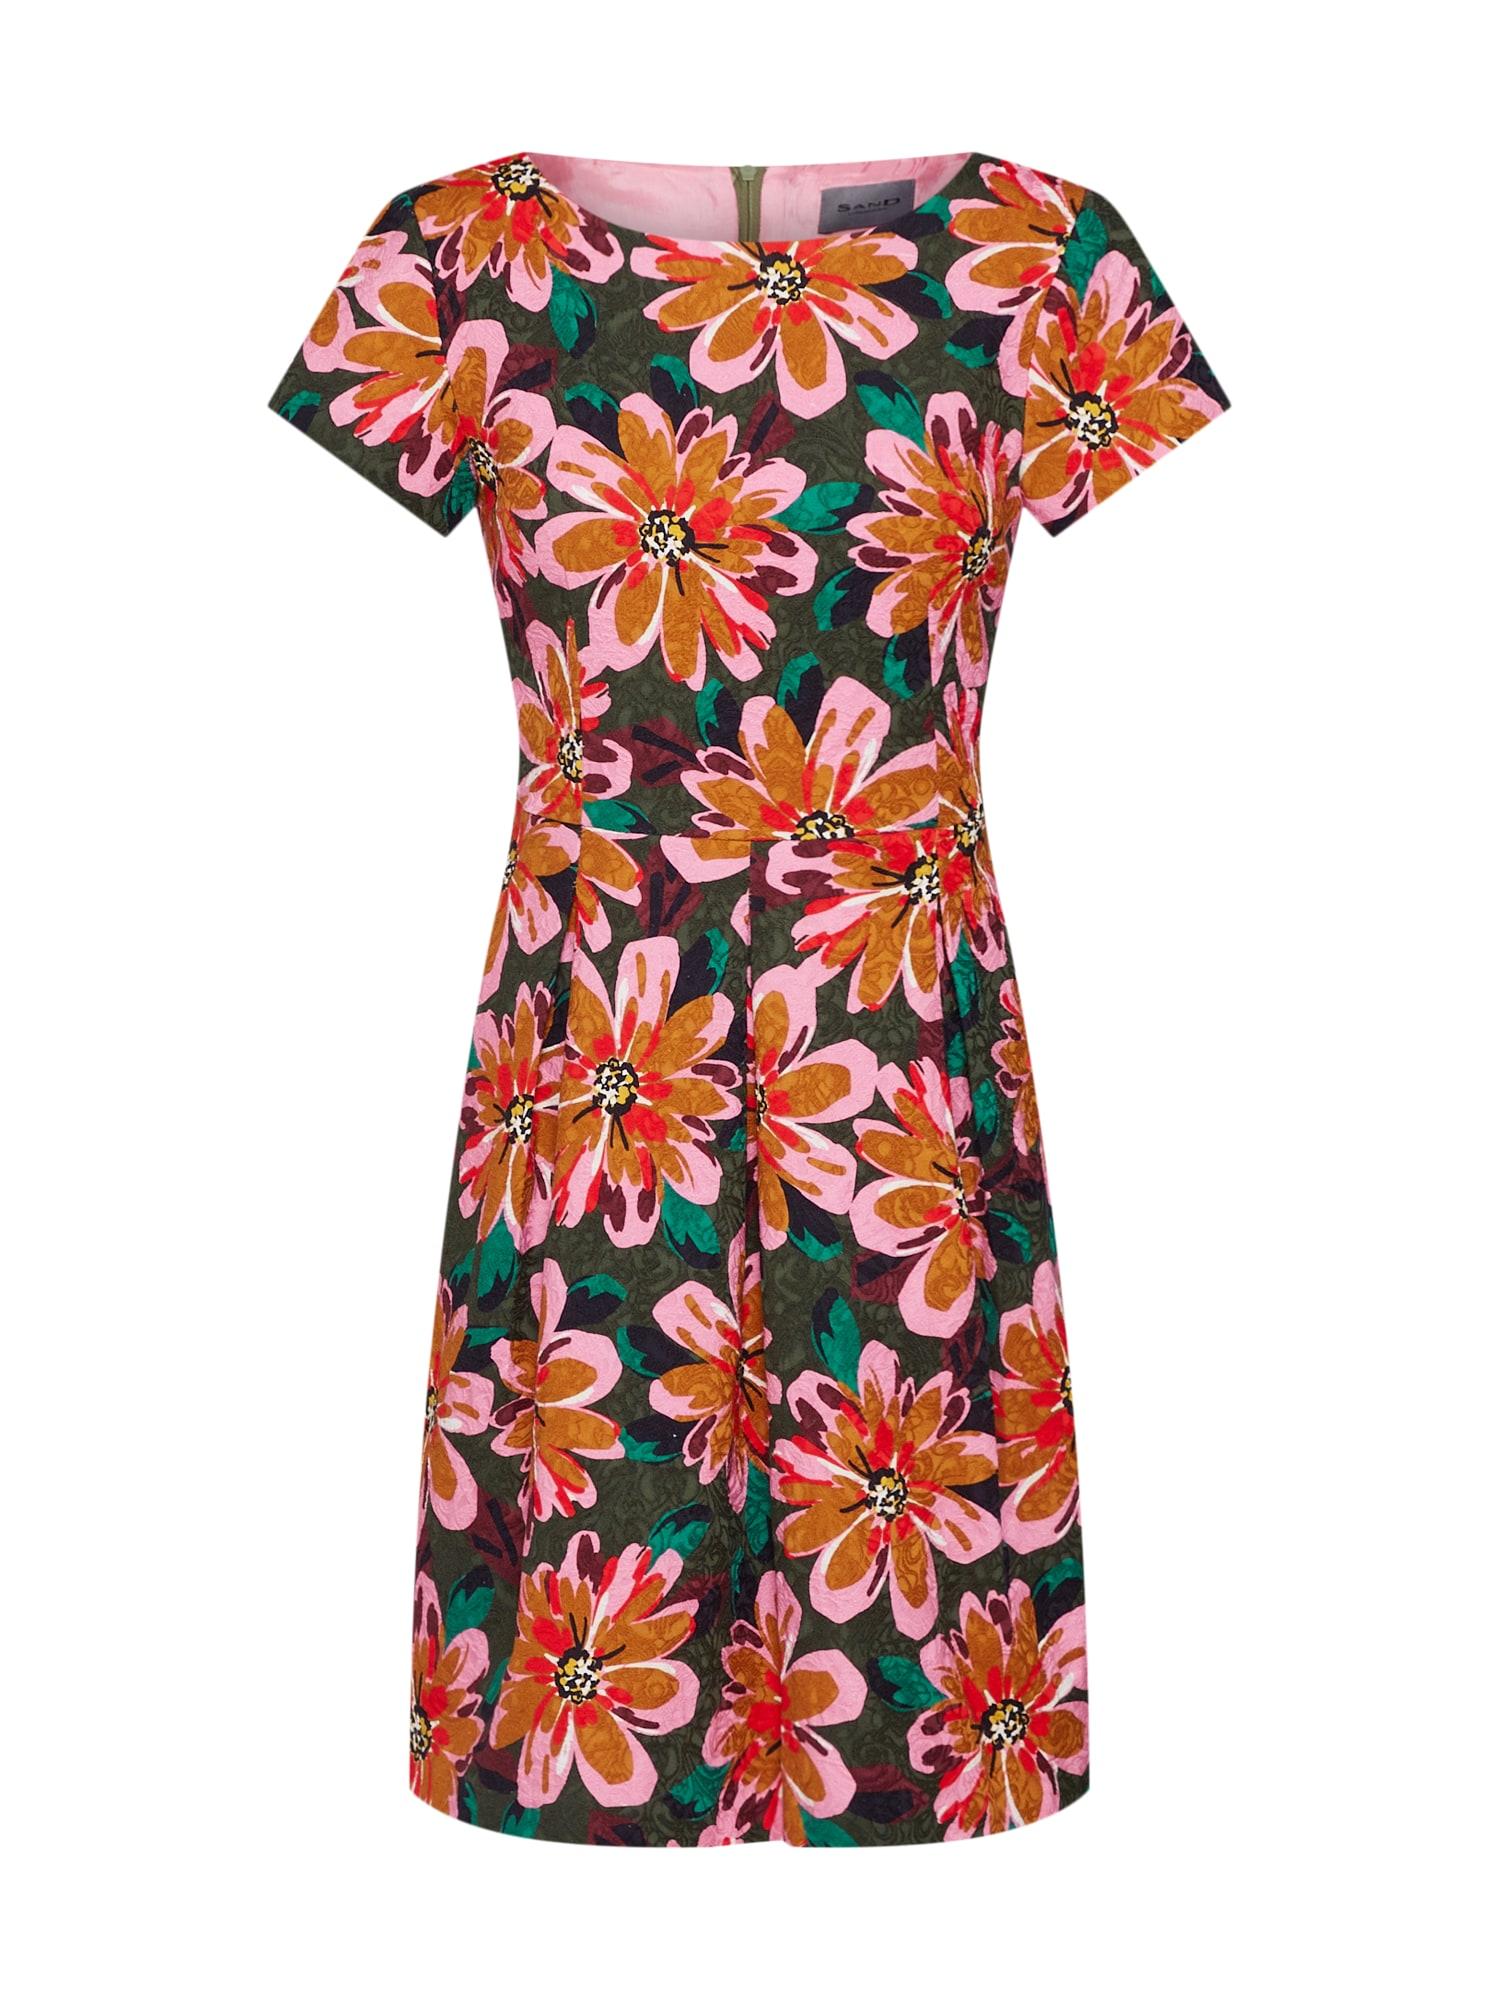 Letní šaty Norma zelená pink SAND COPENHAGEN